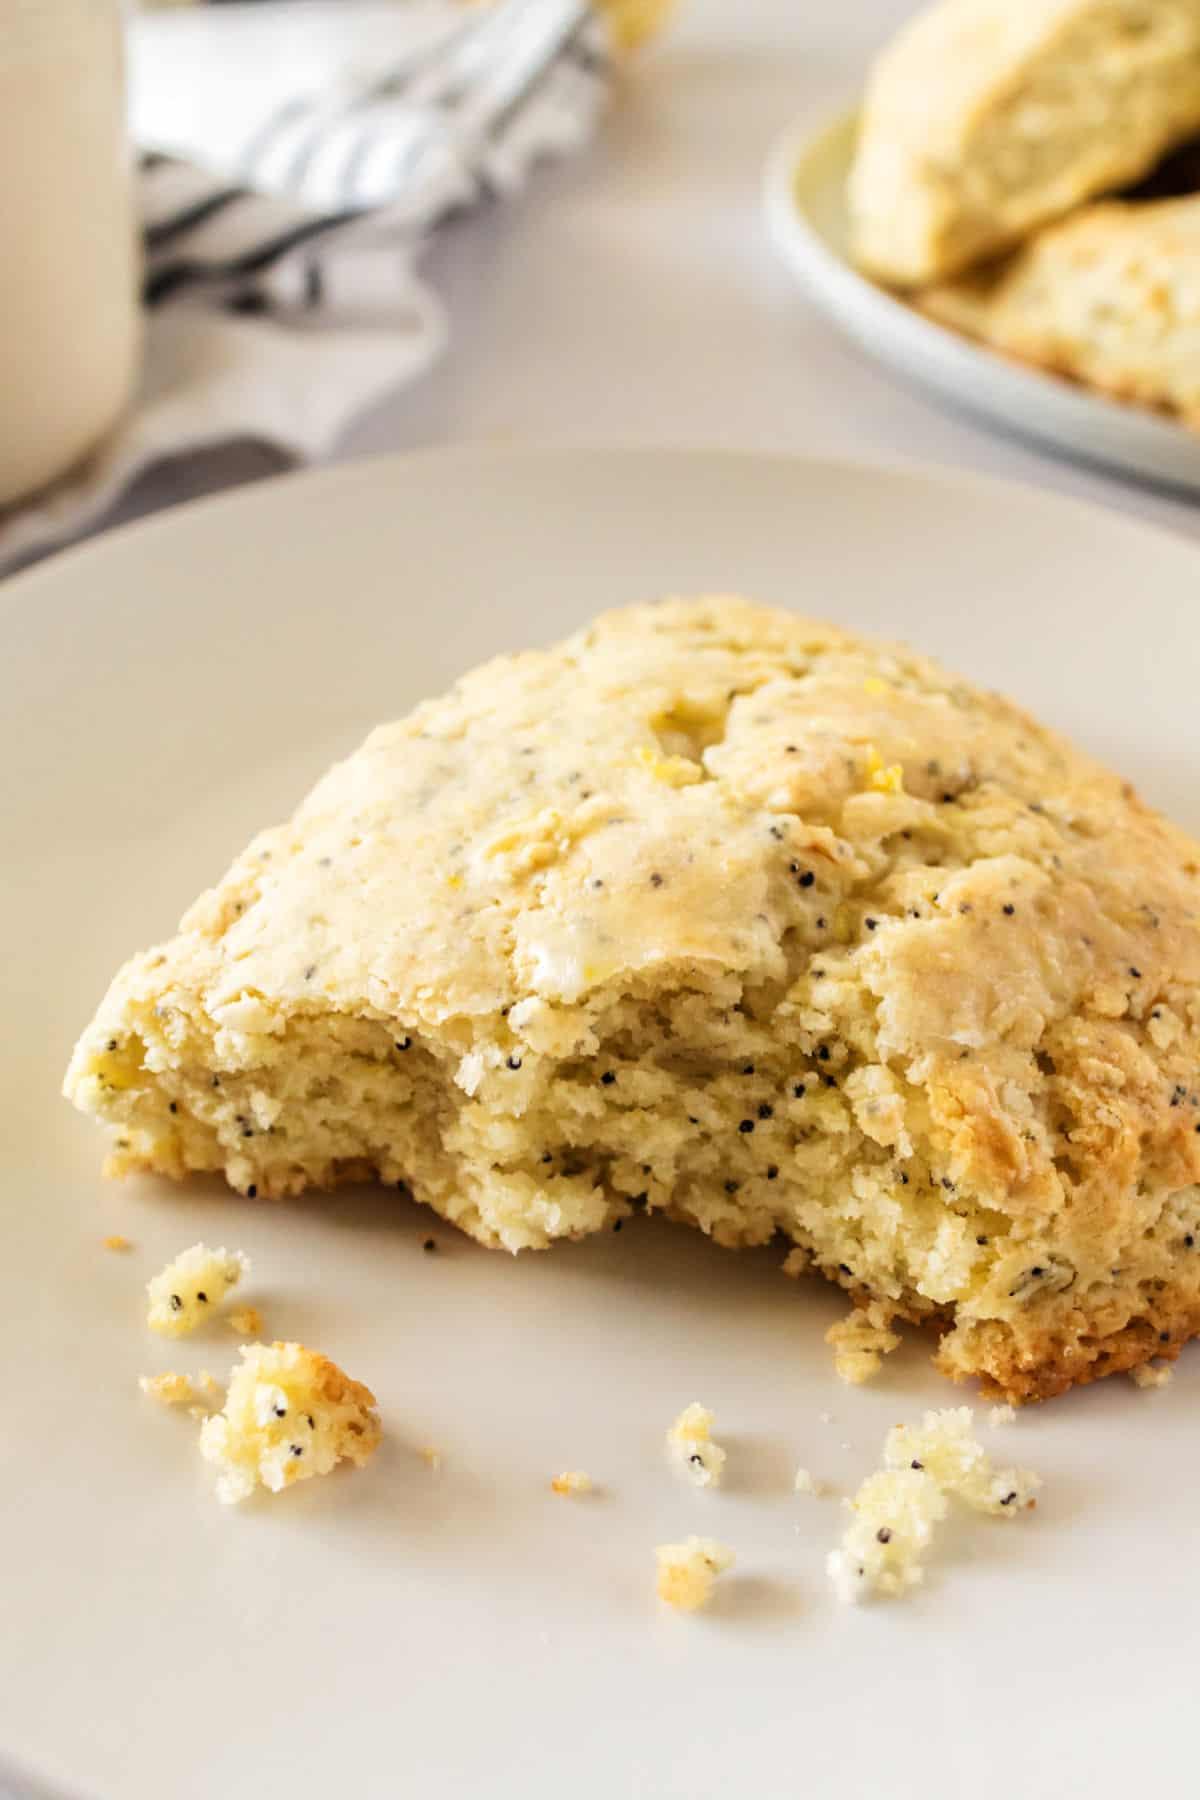 Lemon scone showing soft, moist texture.